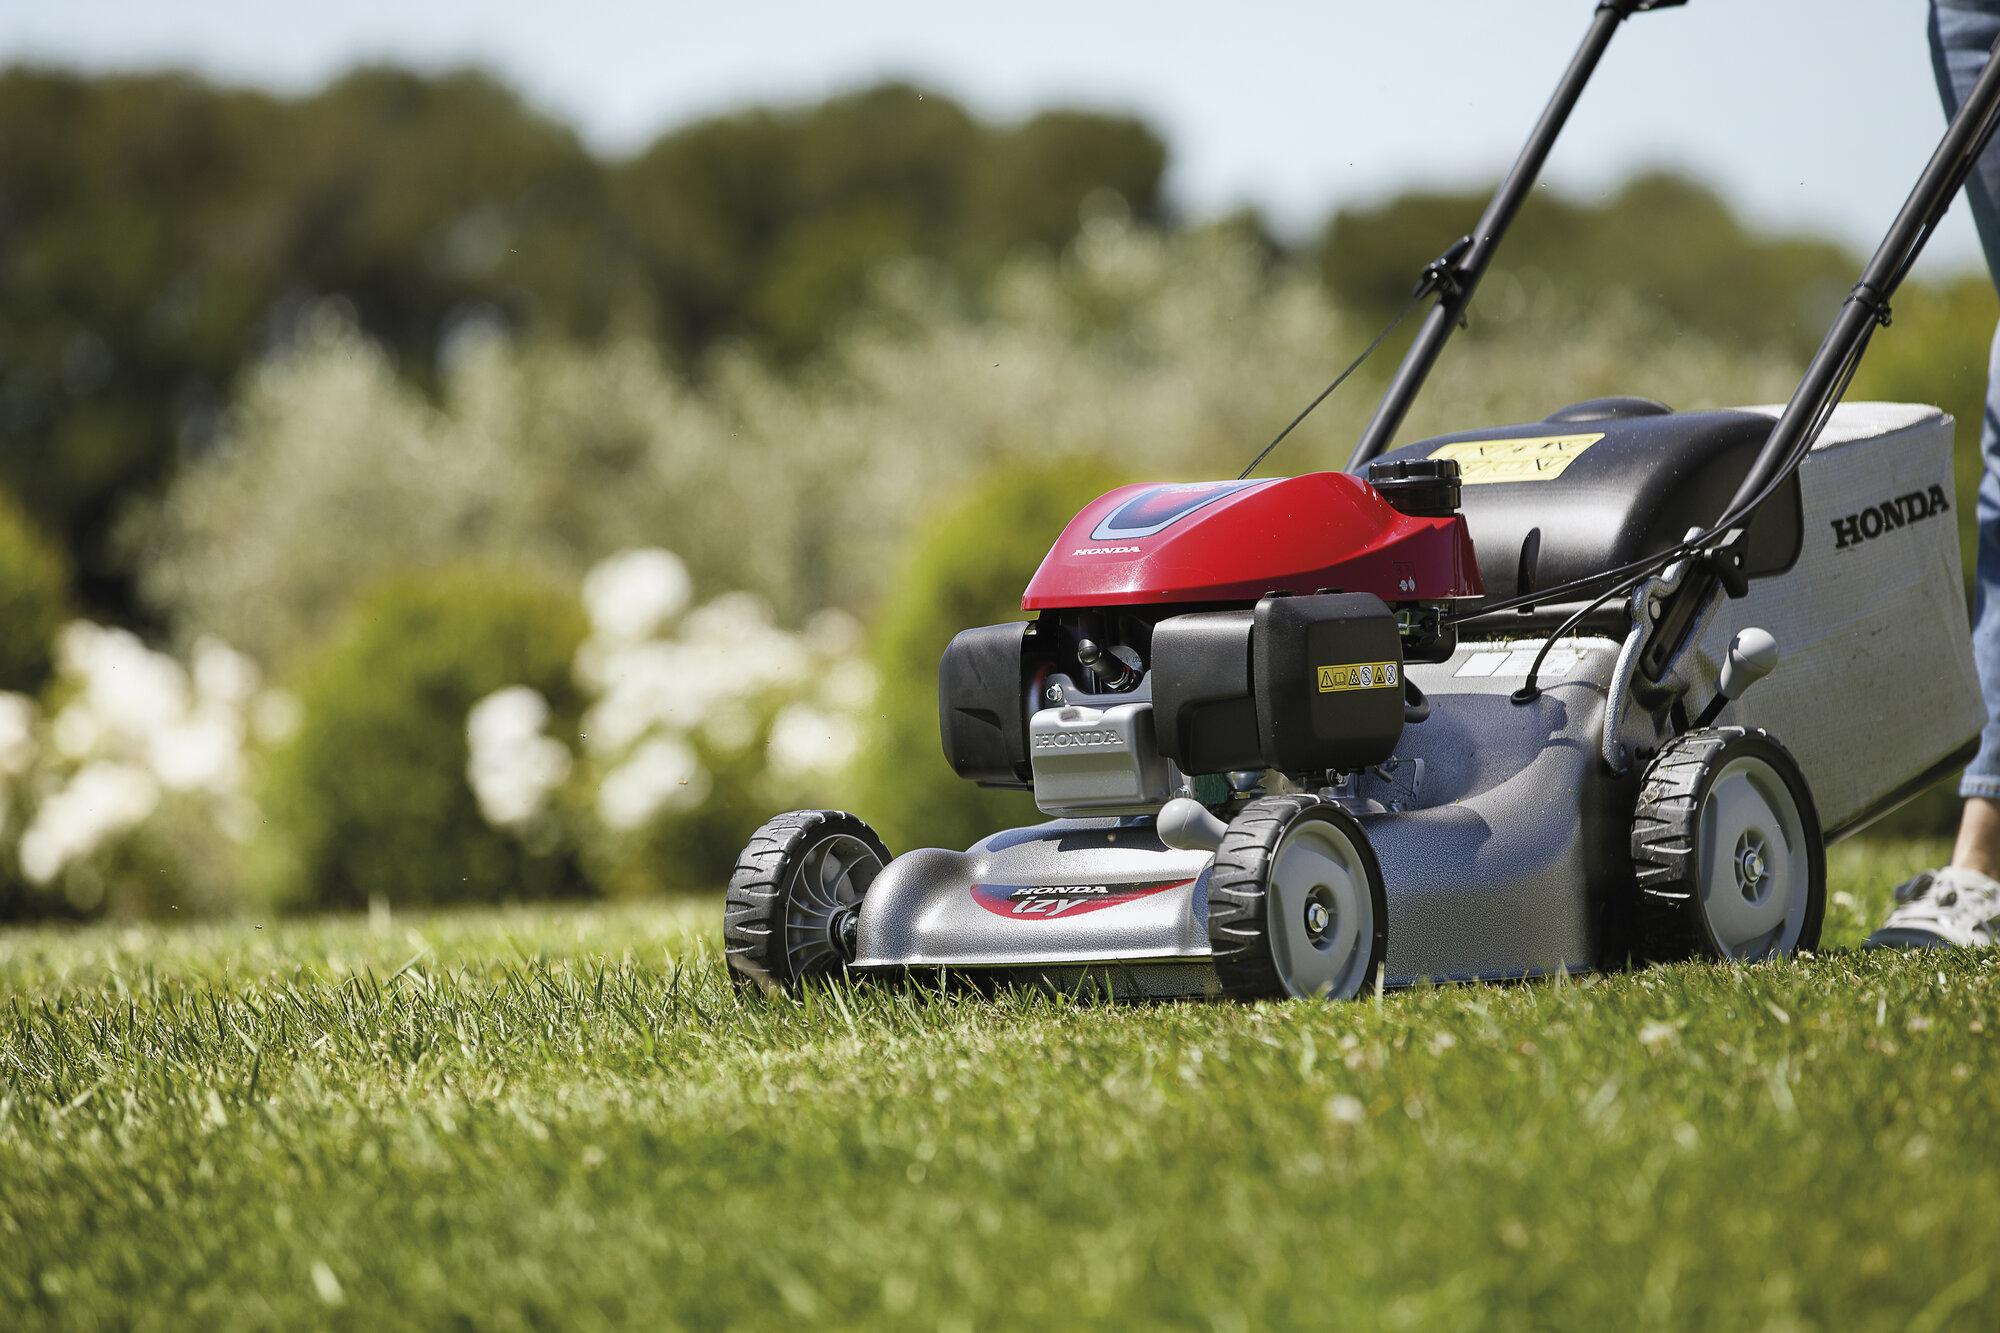 Motorová sekačka na trávu Honda HRG 466 C1 SKEP